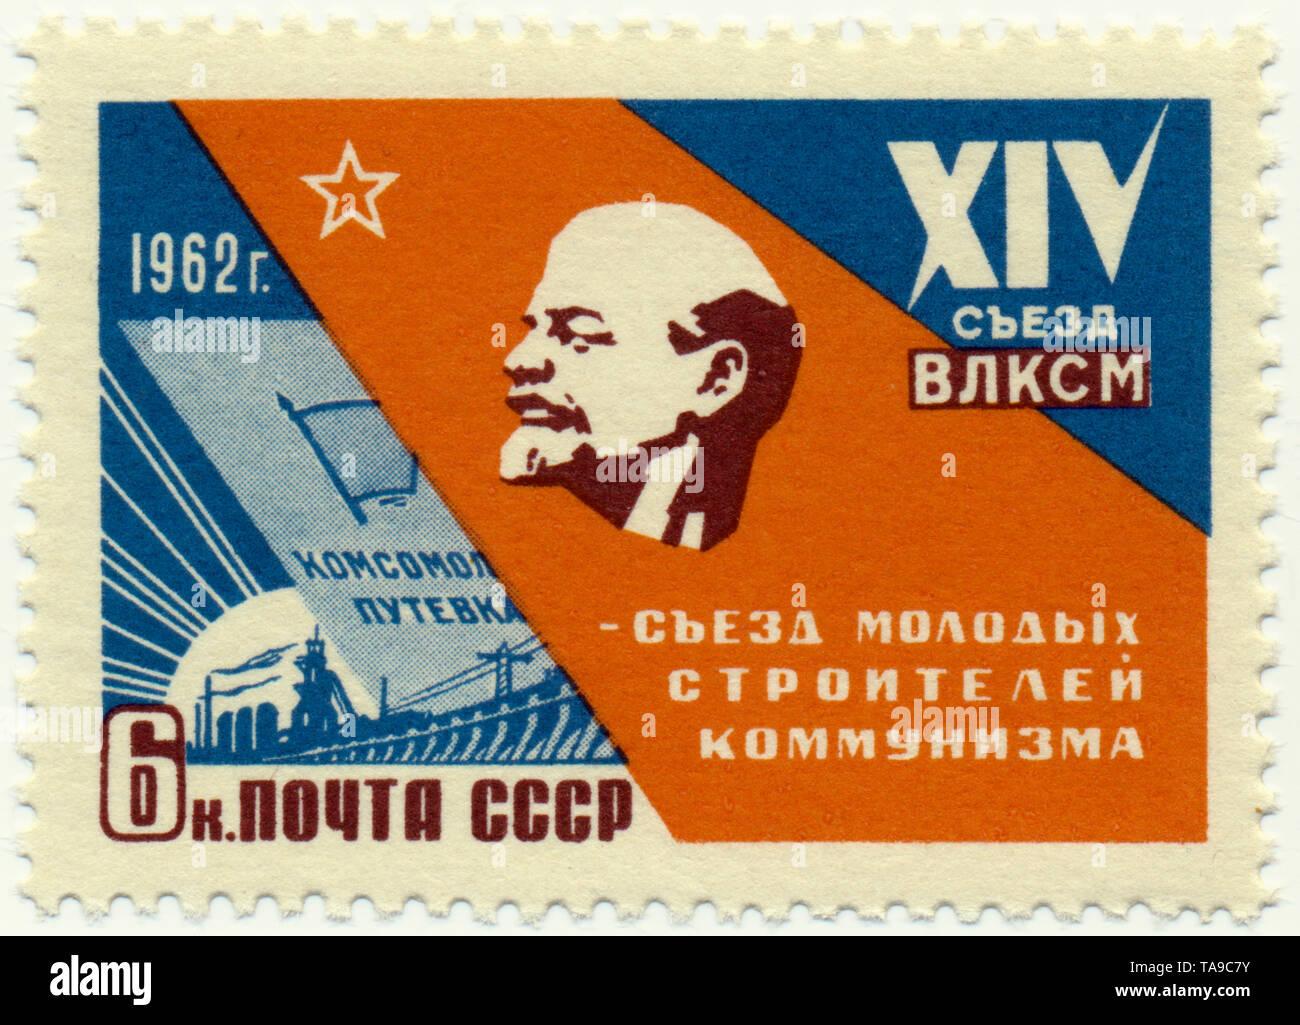 Historic postage stamps of the USSR, political motives, Lenin, XIV Congress of the Communist Youth League, Historische Briefmarken, Lenin, XIV Kongress des Kommunistischen Jugendverbandes, 1962, UDSSR - Stock Image